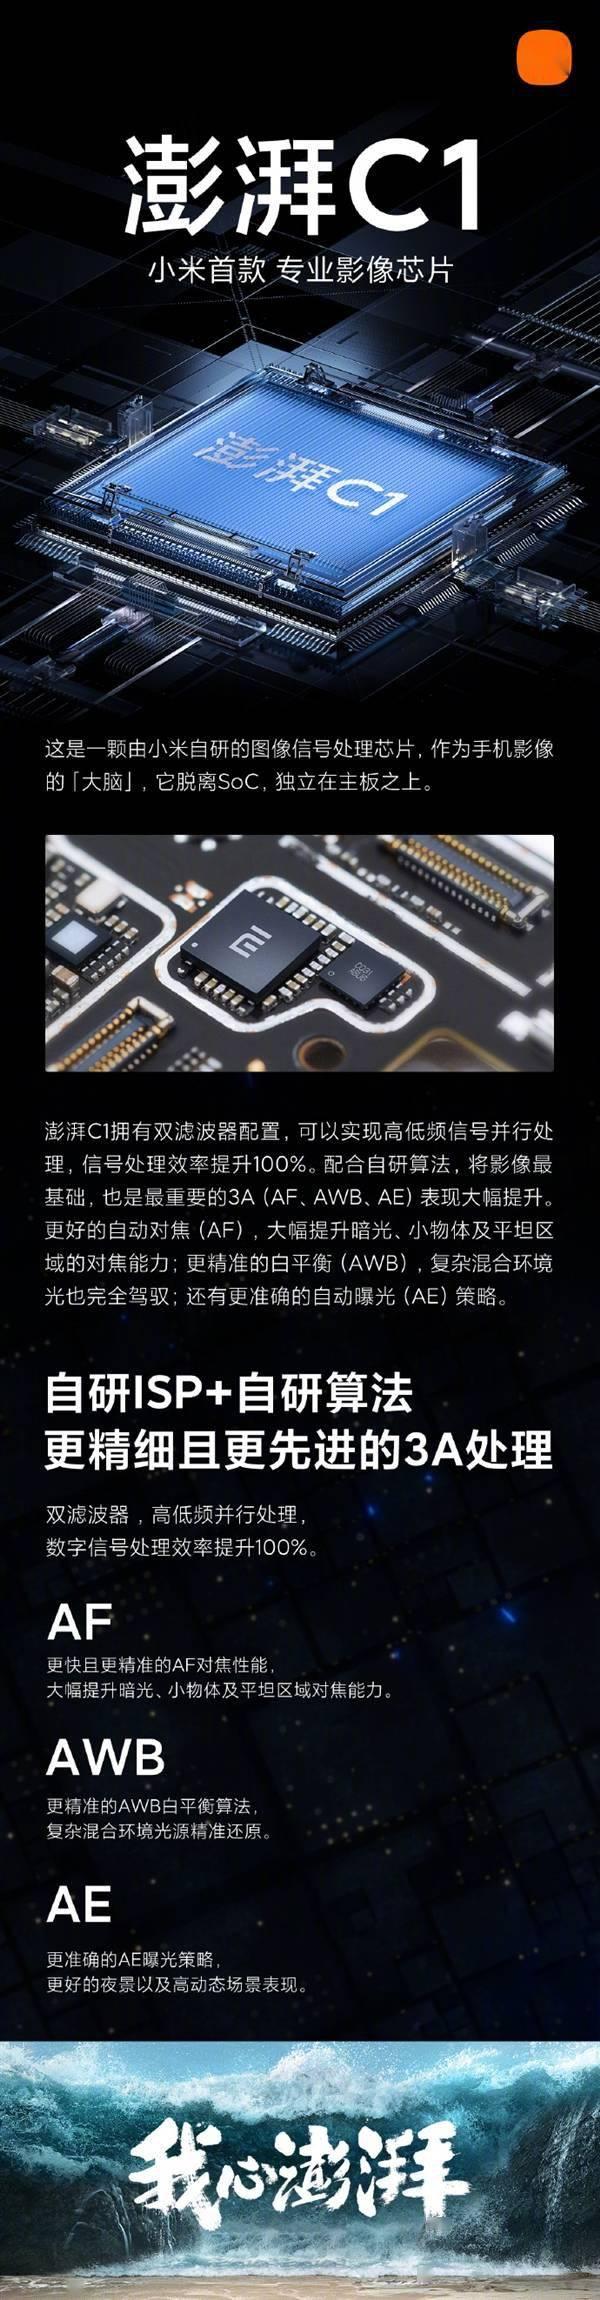 """4年后""""我心依然澎湃"""":小米发布首款专业影像芯片澎湃C1的照片 - 2"""